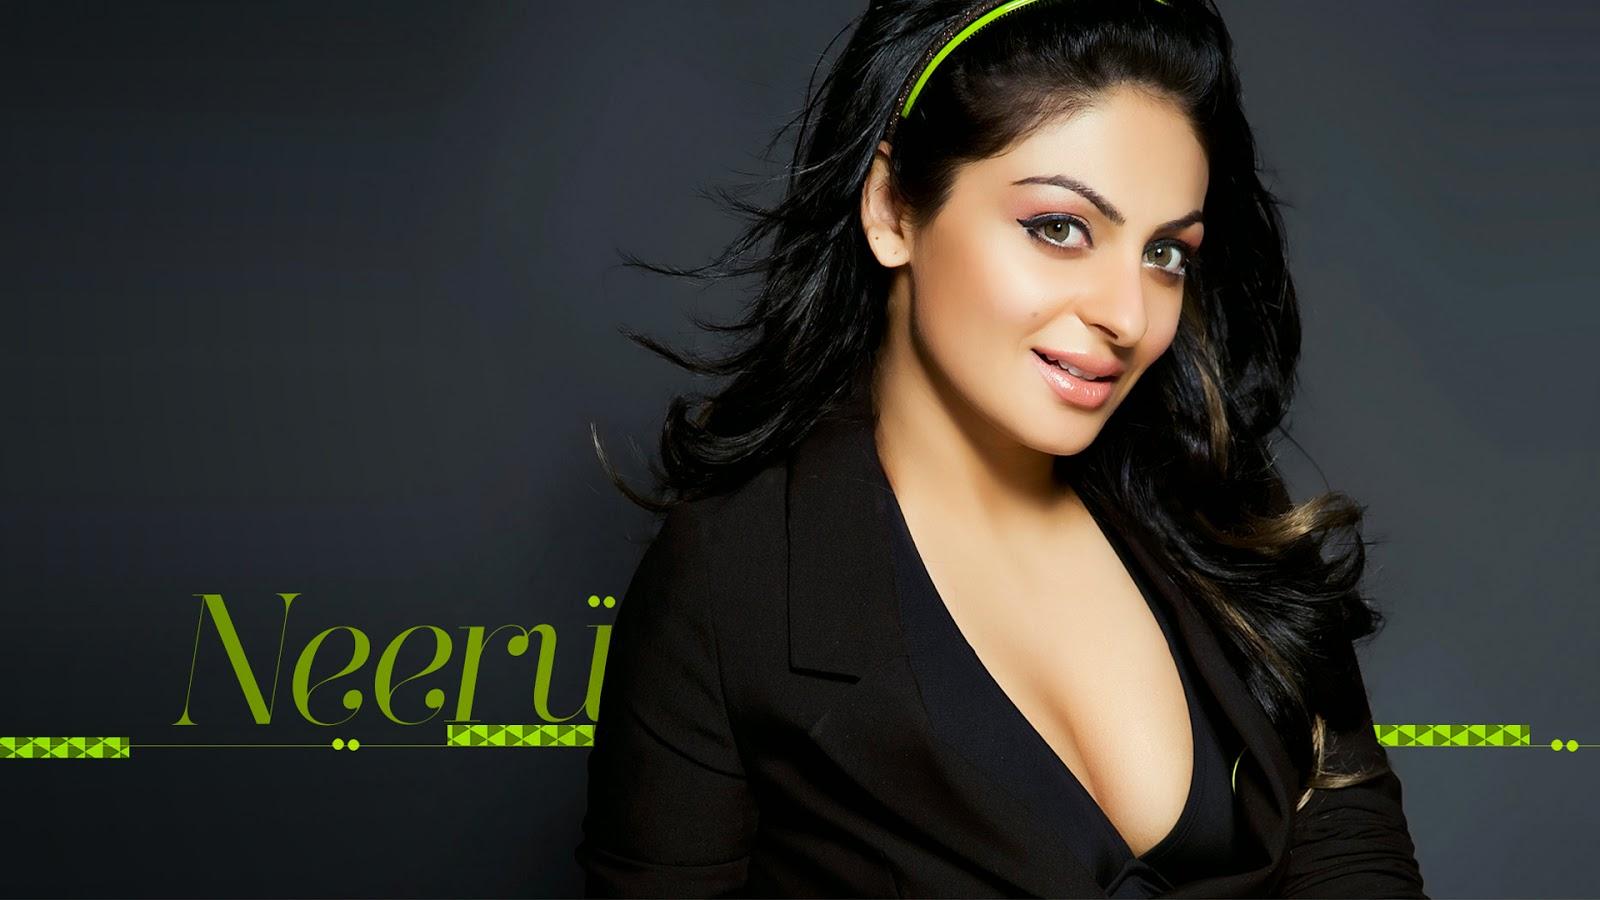 Global Pictures Gallery: Neeru Bajwa FUll HD Wallpapers